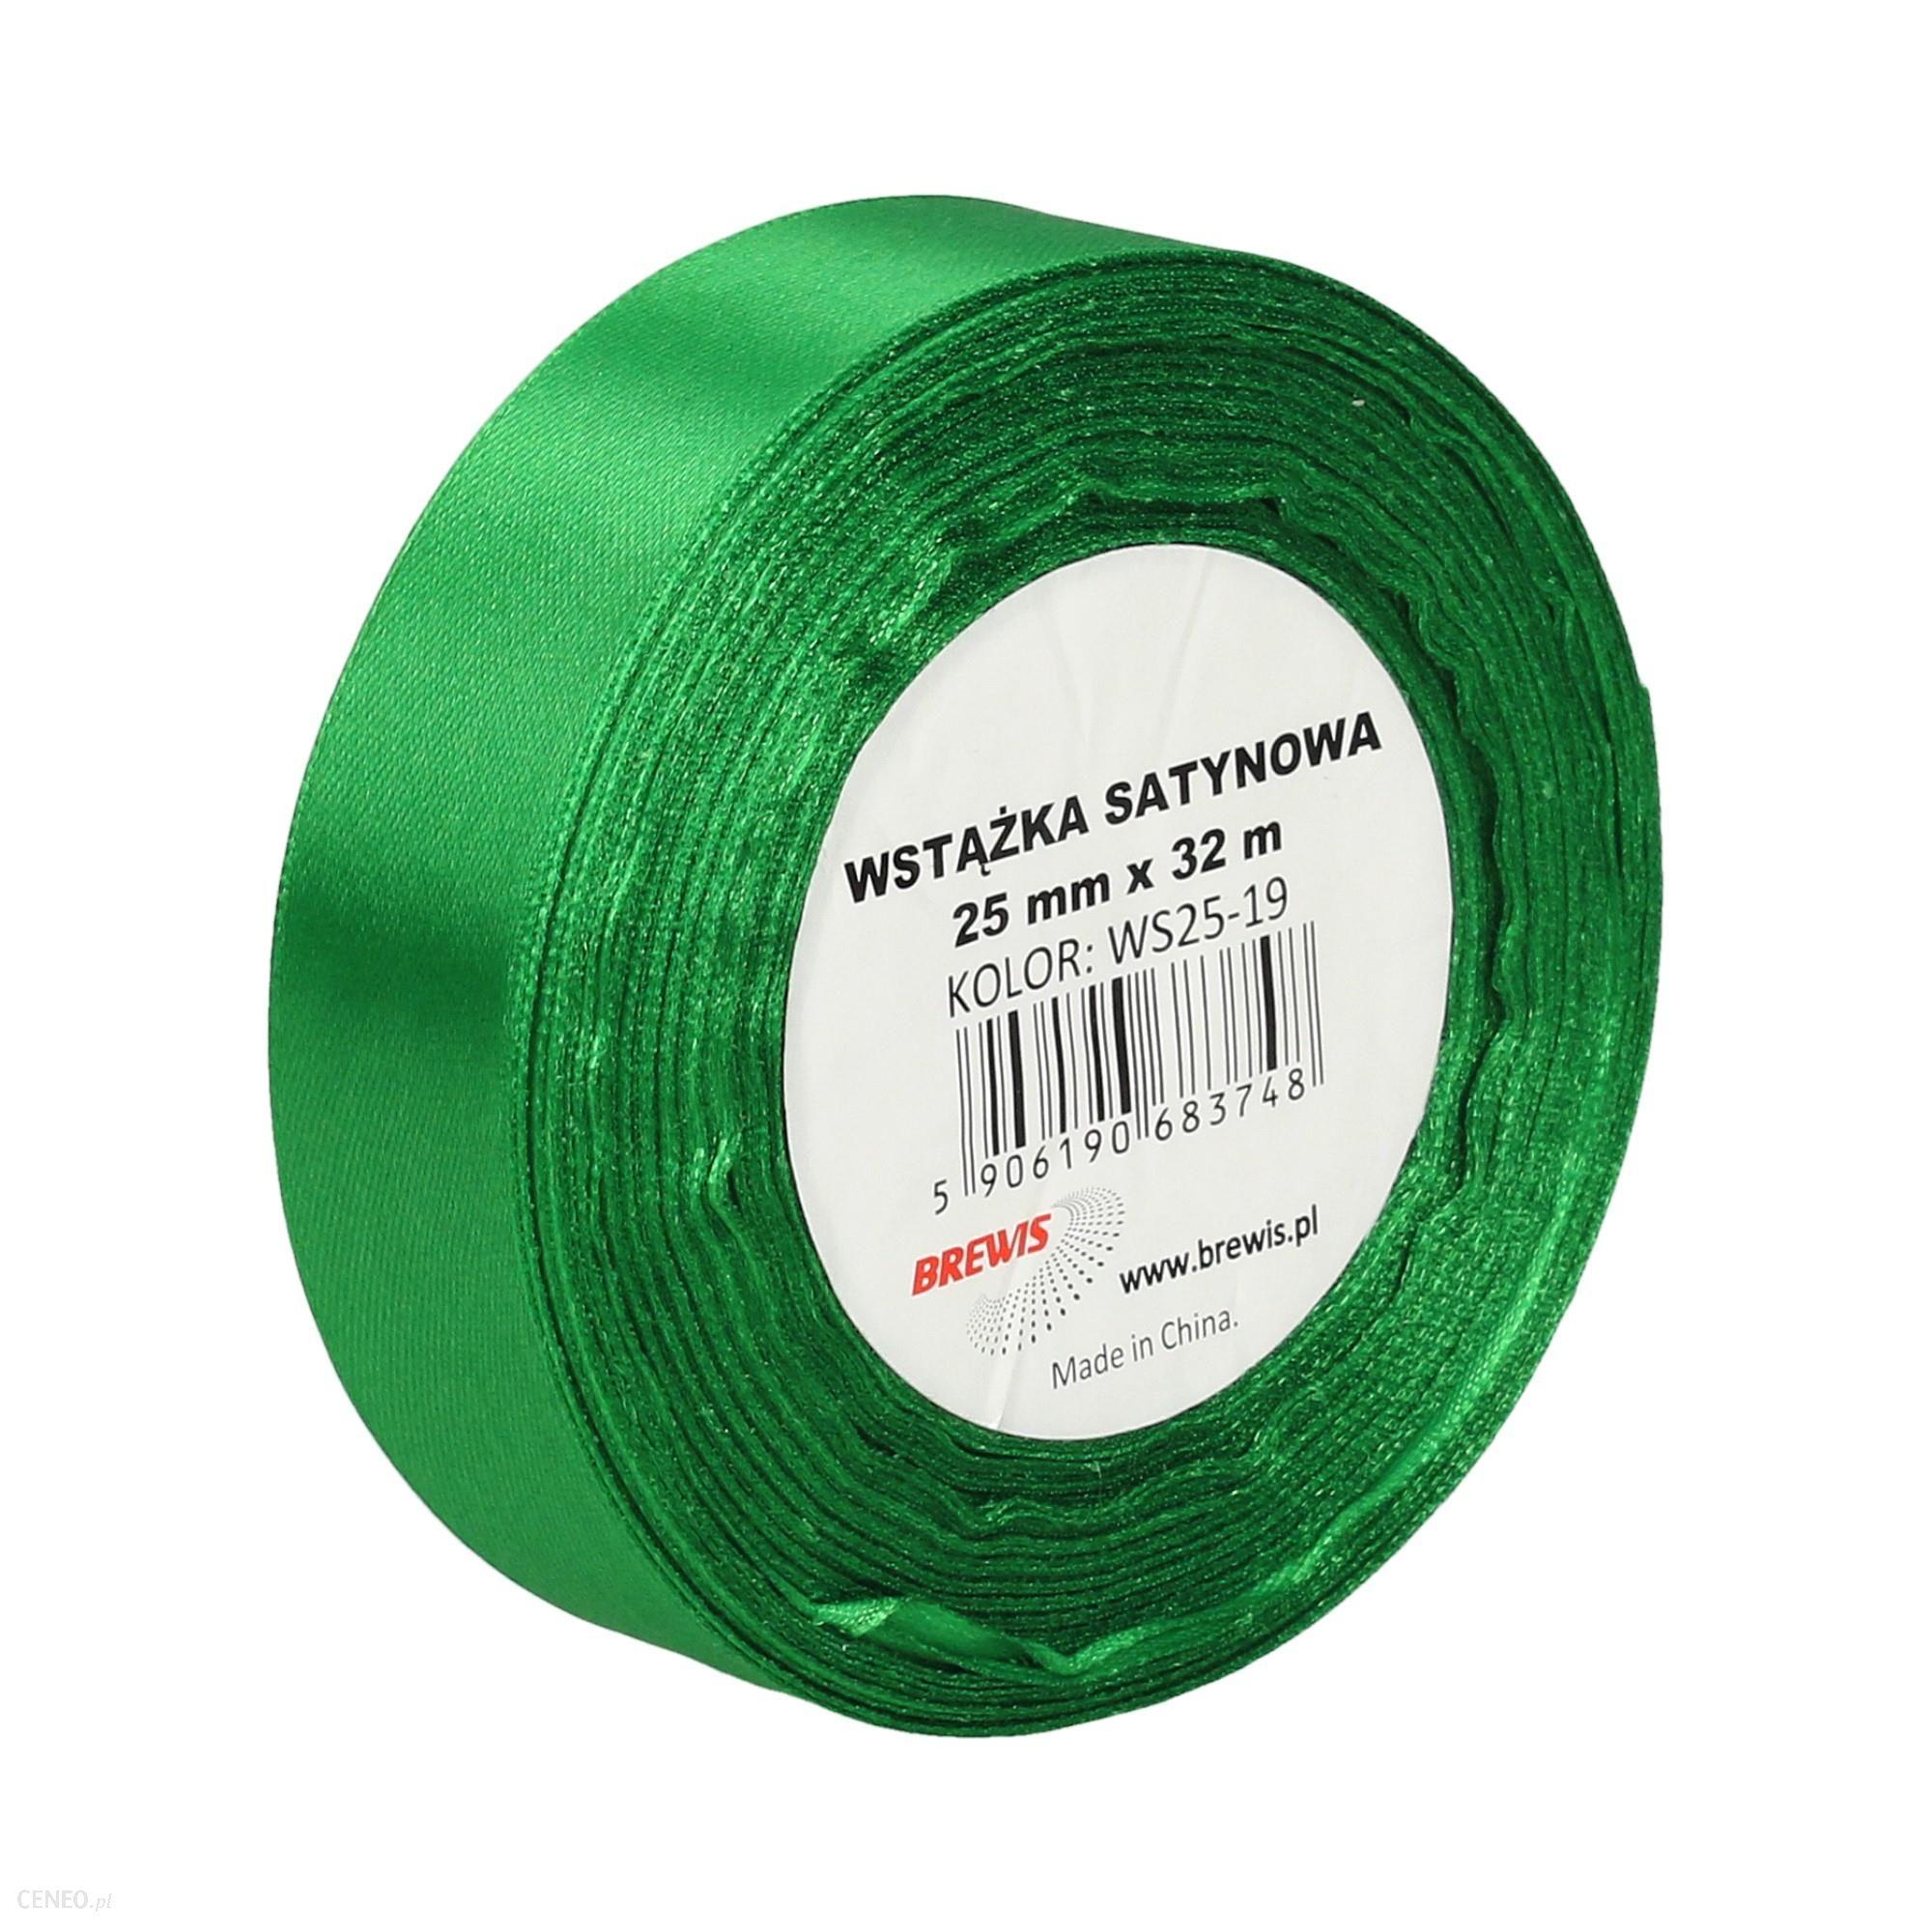 Brewis Wstążka Dekoracyjna Satynowa 25Mmx32M Zielona 19 (Vb8516)